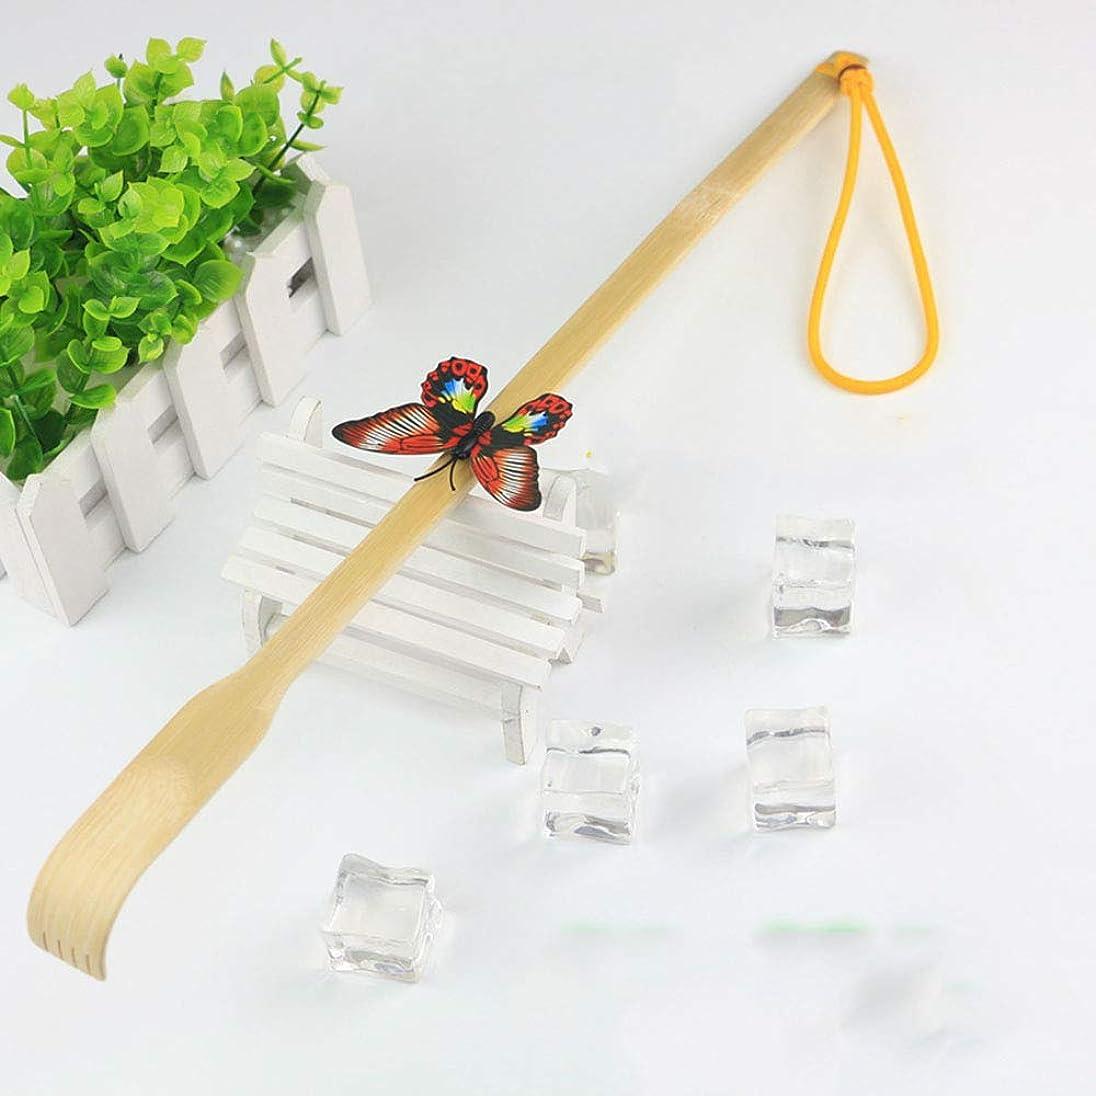 パワーセル回る司教Ruby背中掻きブラシ 木製 まごのて 敬老の日 プレゼント高人気 背中かゆみを止め マッサージ用